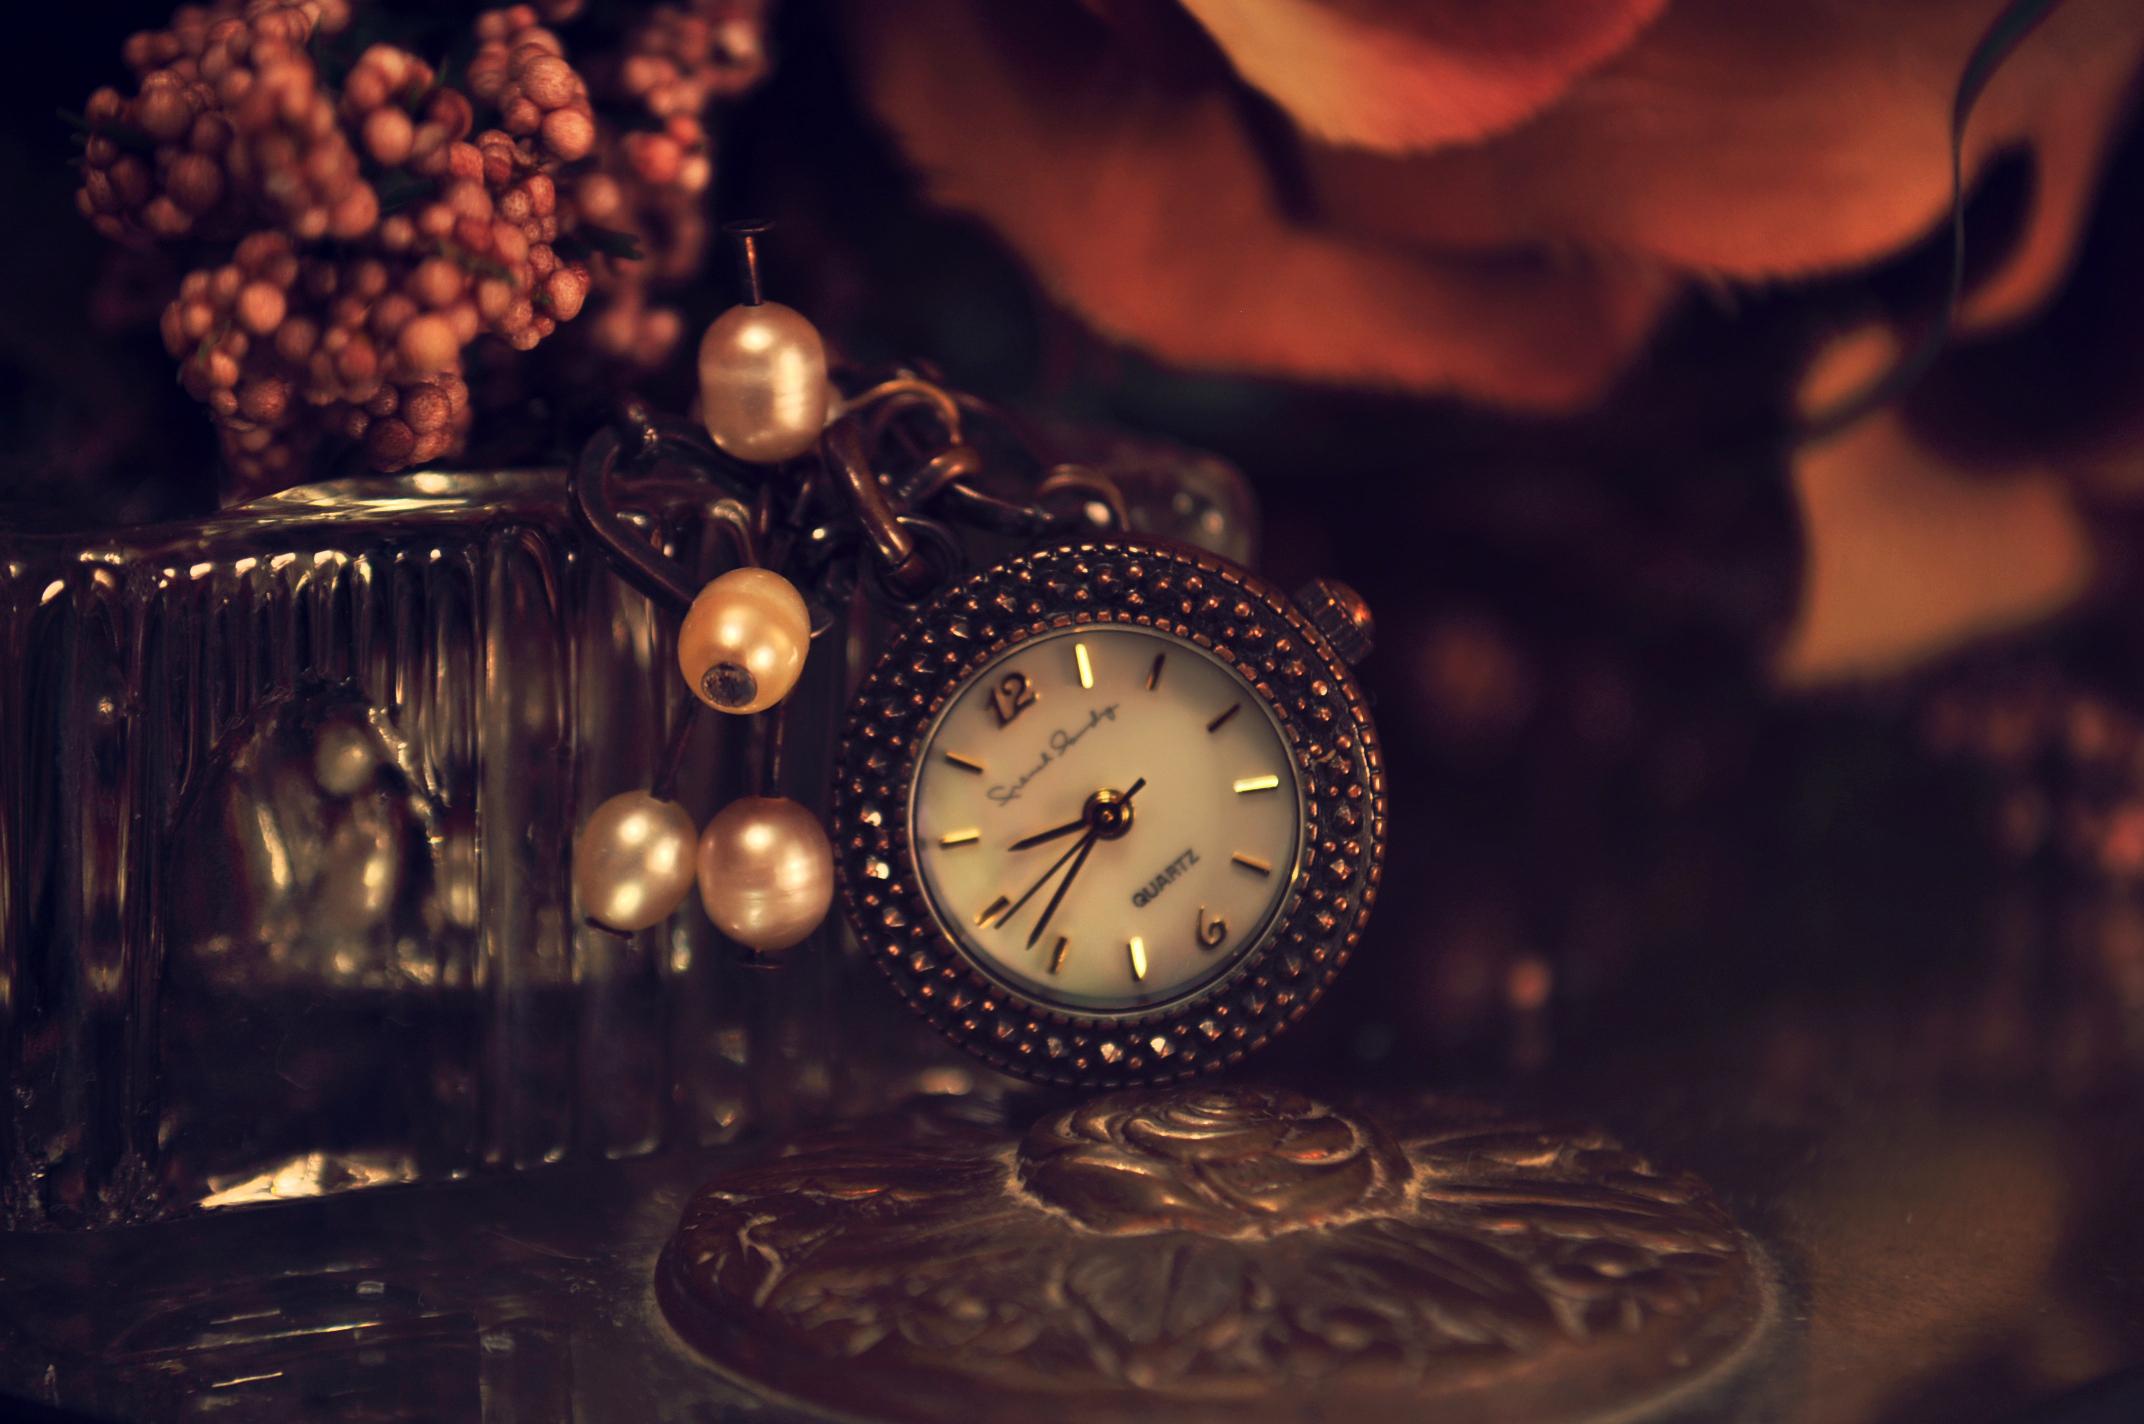 Карманные часы и скатерть  № 2171665 бесплатно